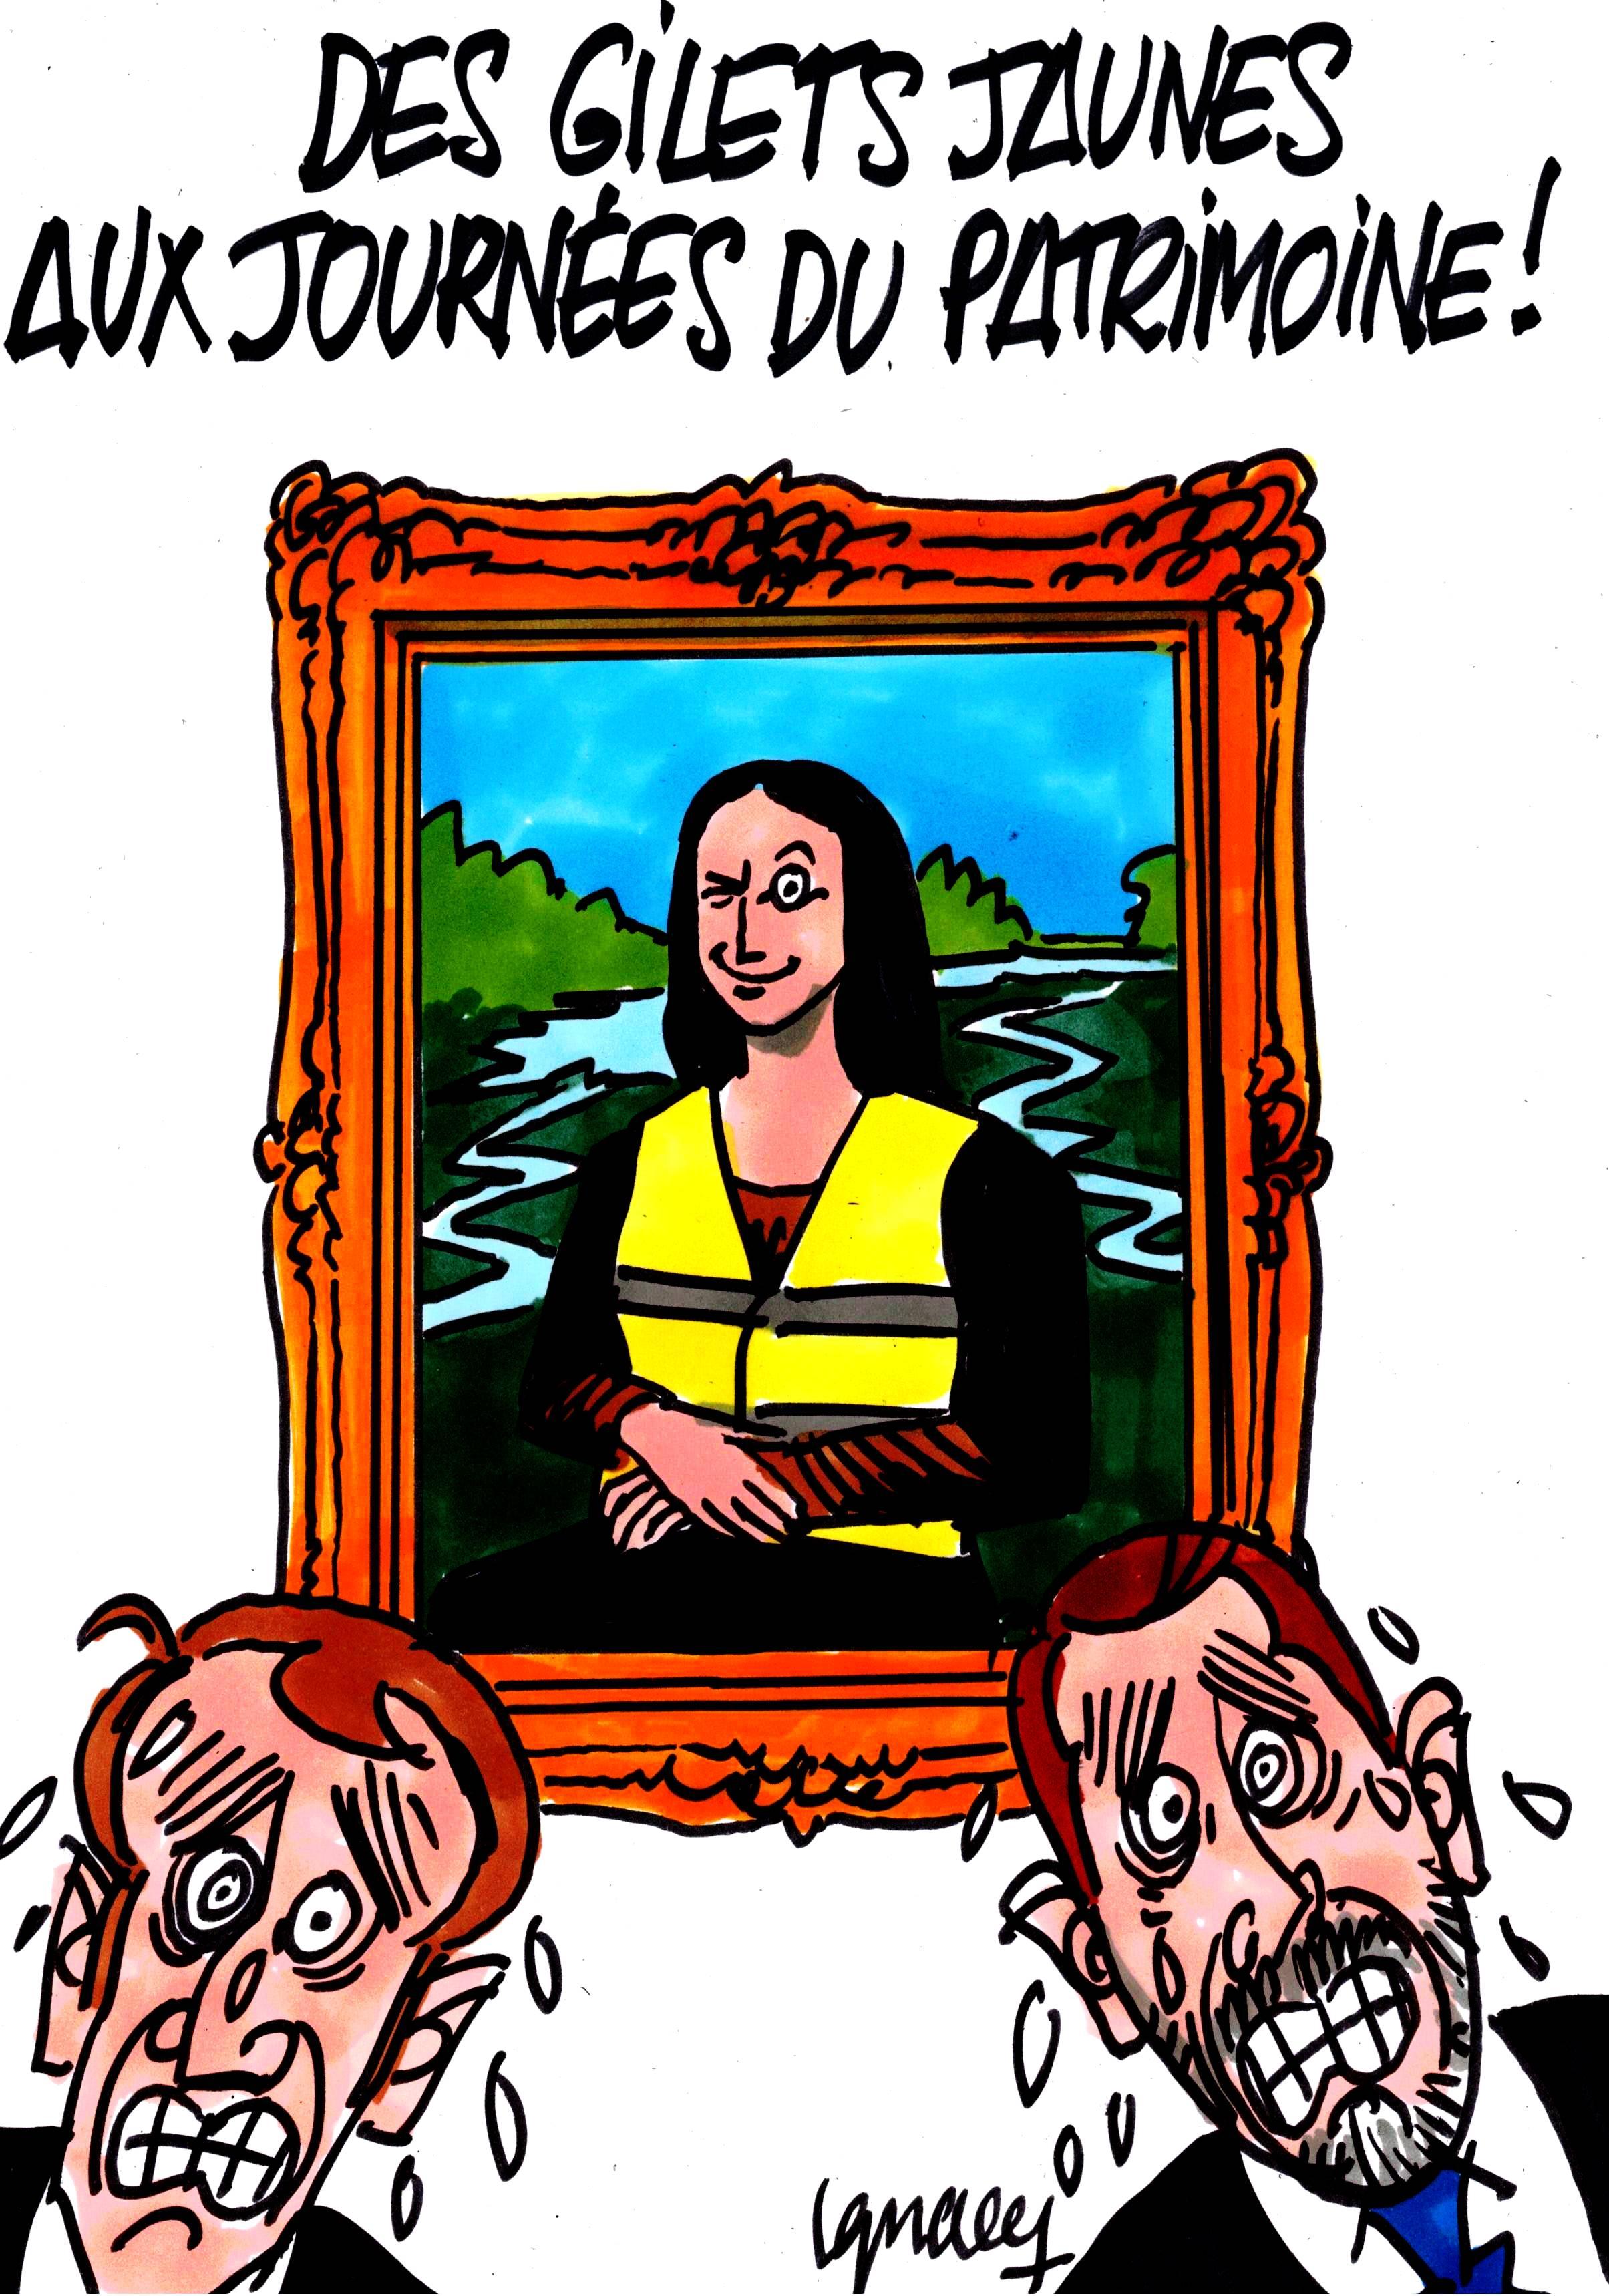 Ignace - Gilets jaunes aux journées du patrimoine